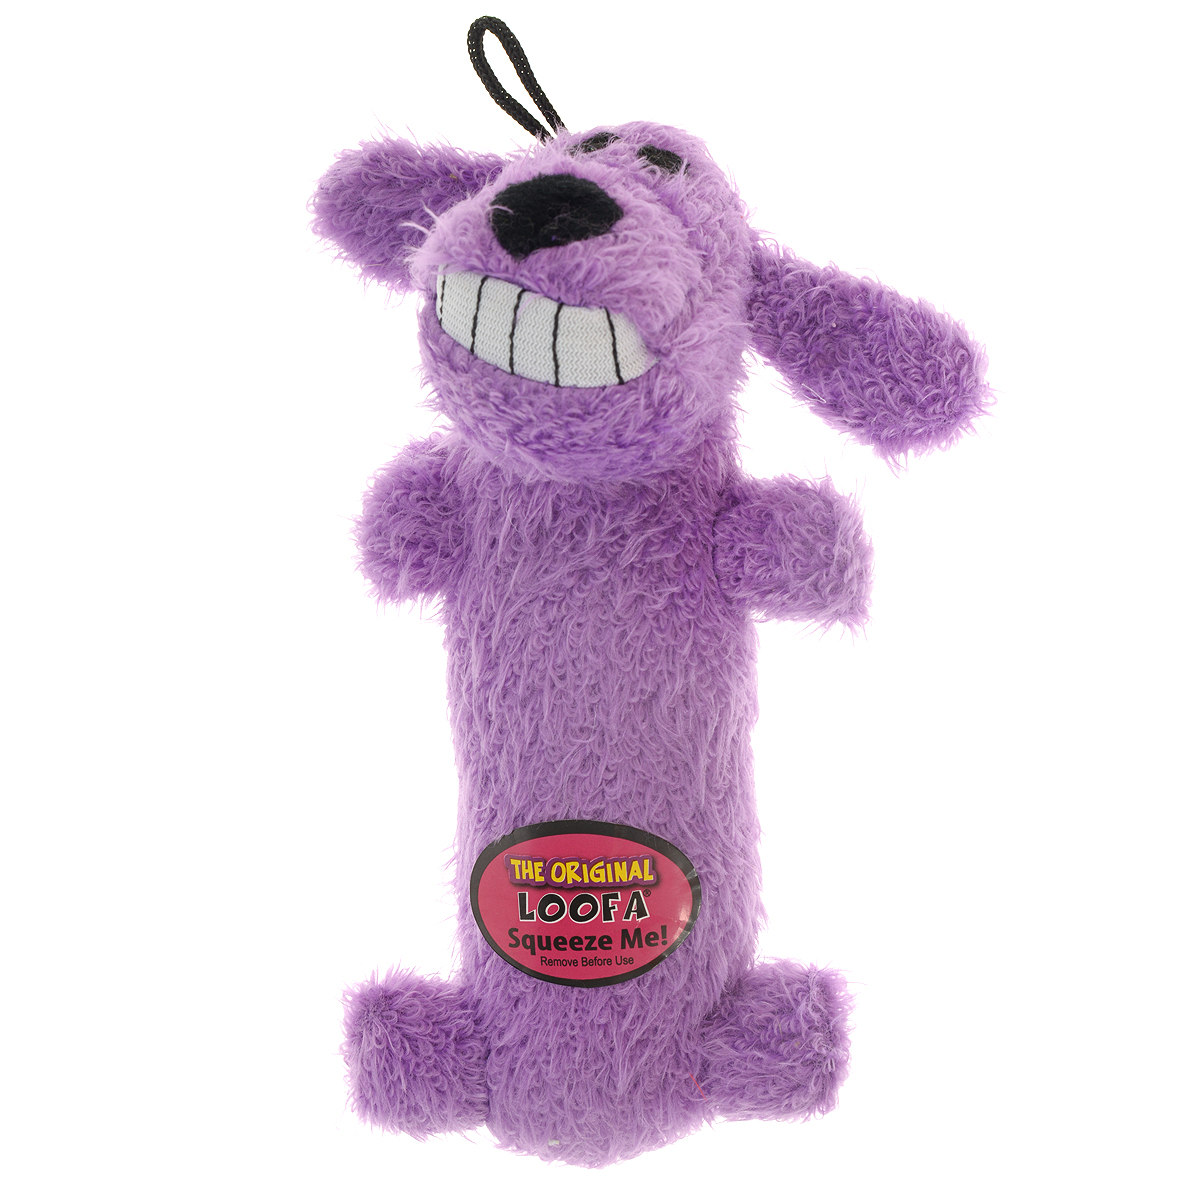 Игрушка для животных Multipet Собака, с пищалкой, цвет: фиолетовый0120710Игрушка Multipet Собака изготовлена из прочного и долговечного полиэстера, устойчивого к разгрызанию. Необычная и забавная игрушка прекрасно подойдет для собак и кошек, любящих плюшевые игрушки с пищалками, так как в игрушку вшиты 2 пищалки с разным звучанием.